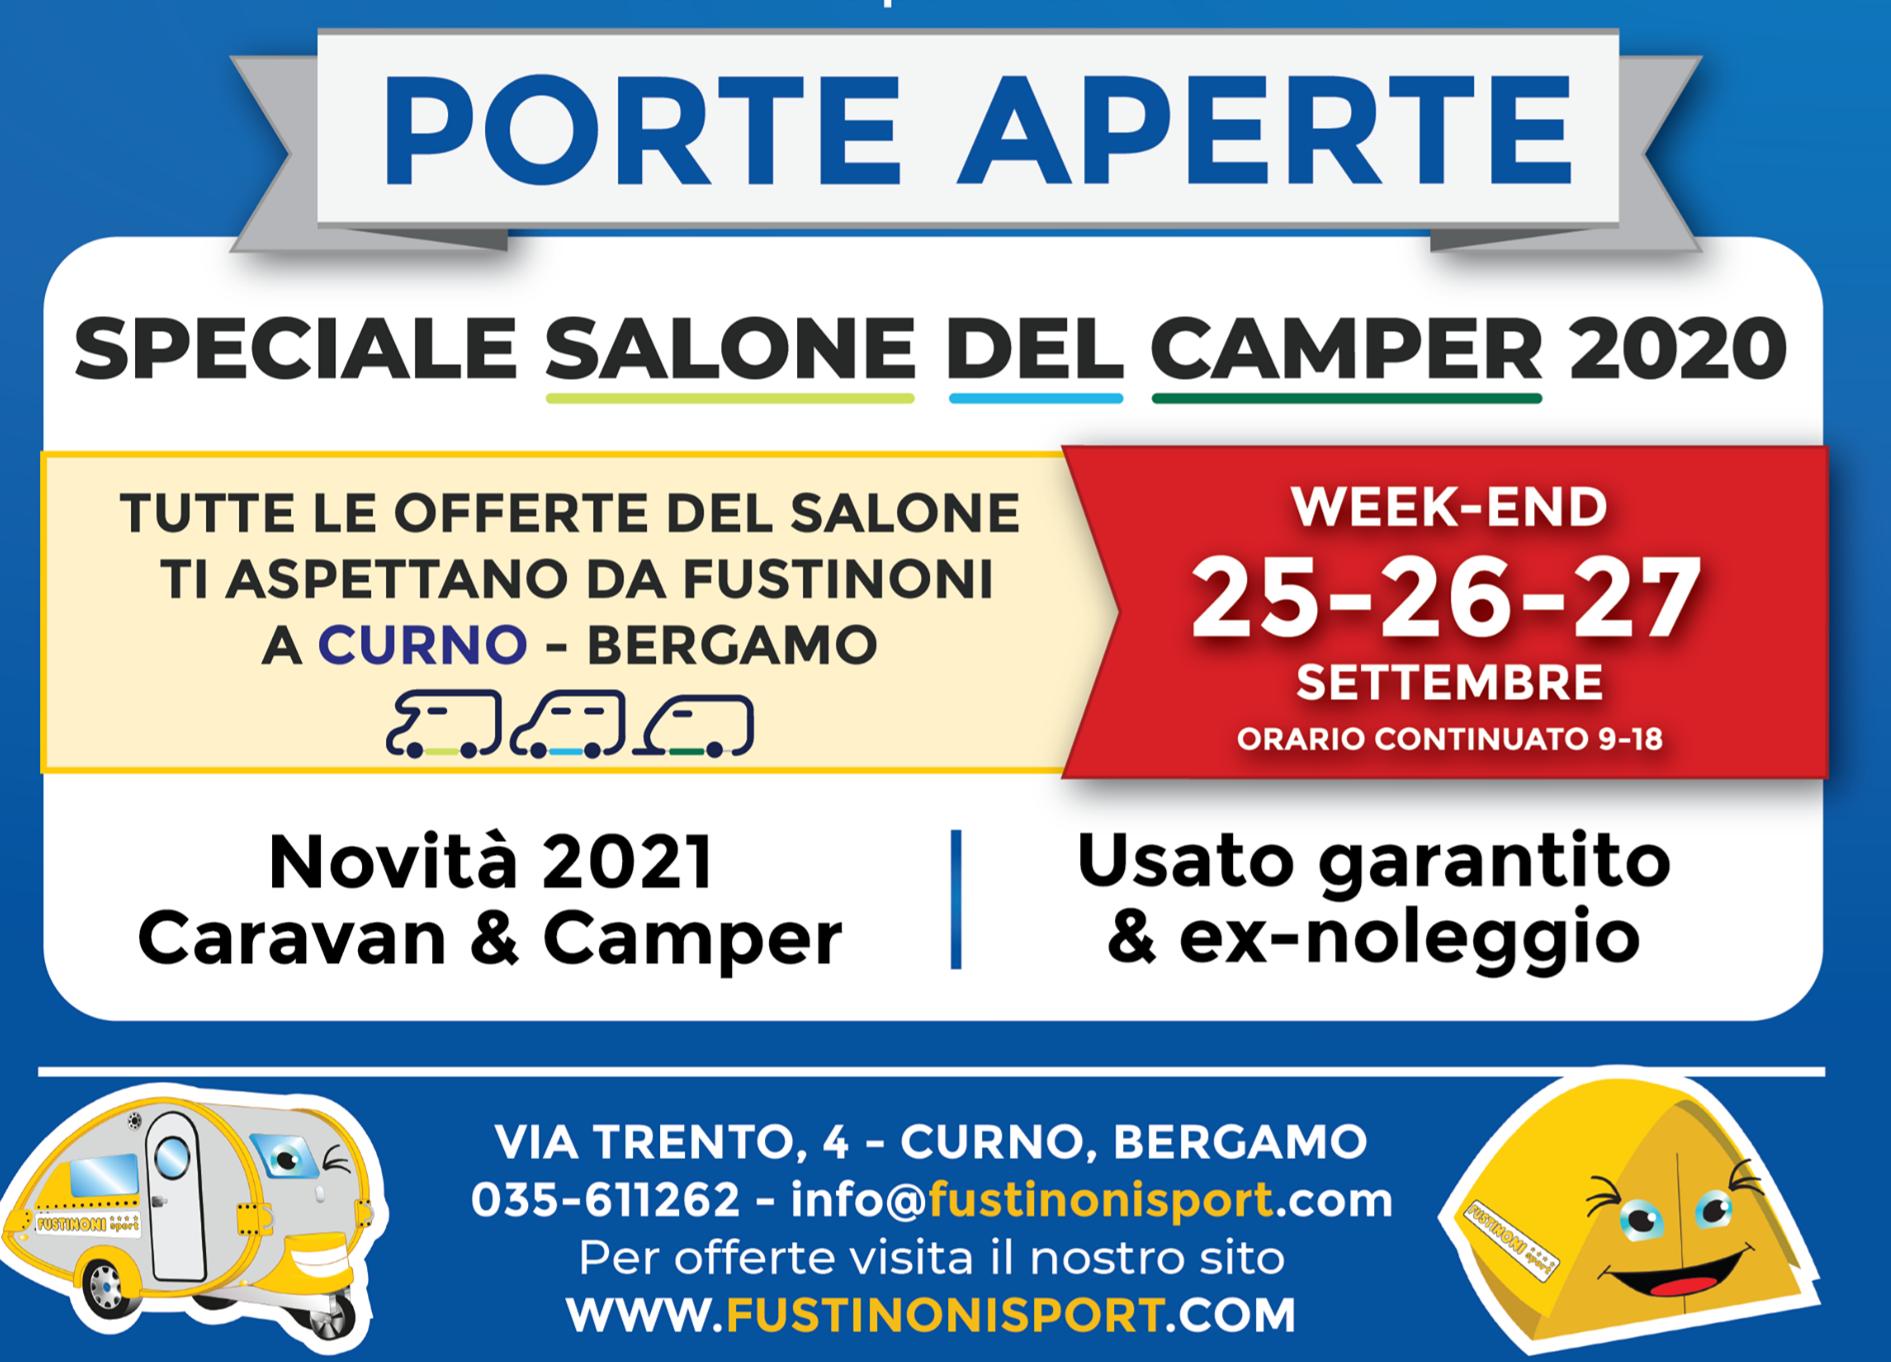 VOLANTINO-SALONE-DEL-CAMPER-2020-FUSTINONI-4-Copia